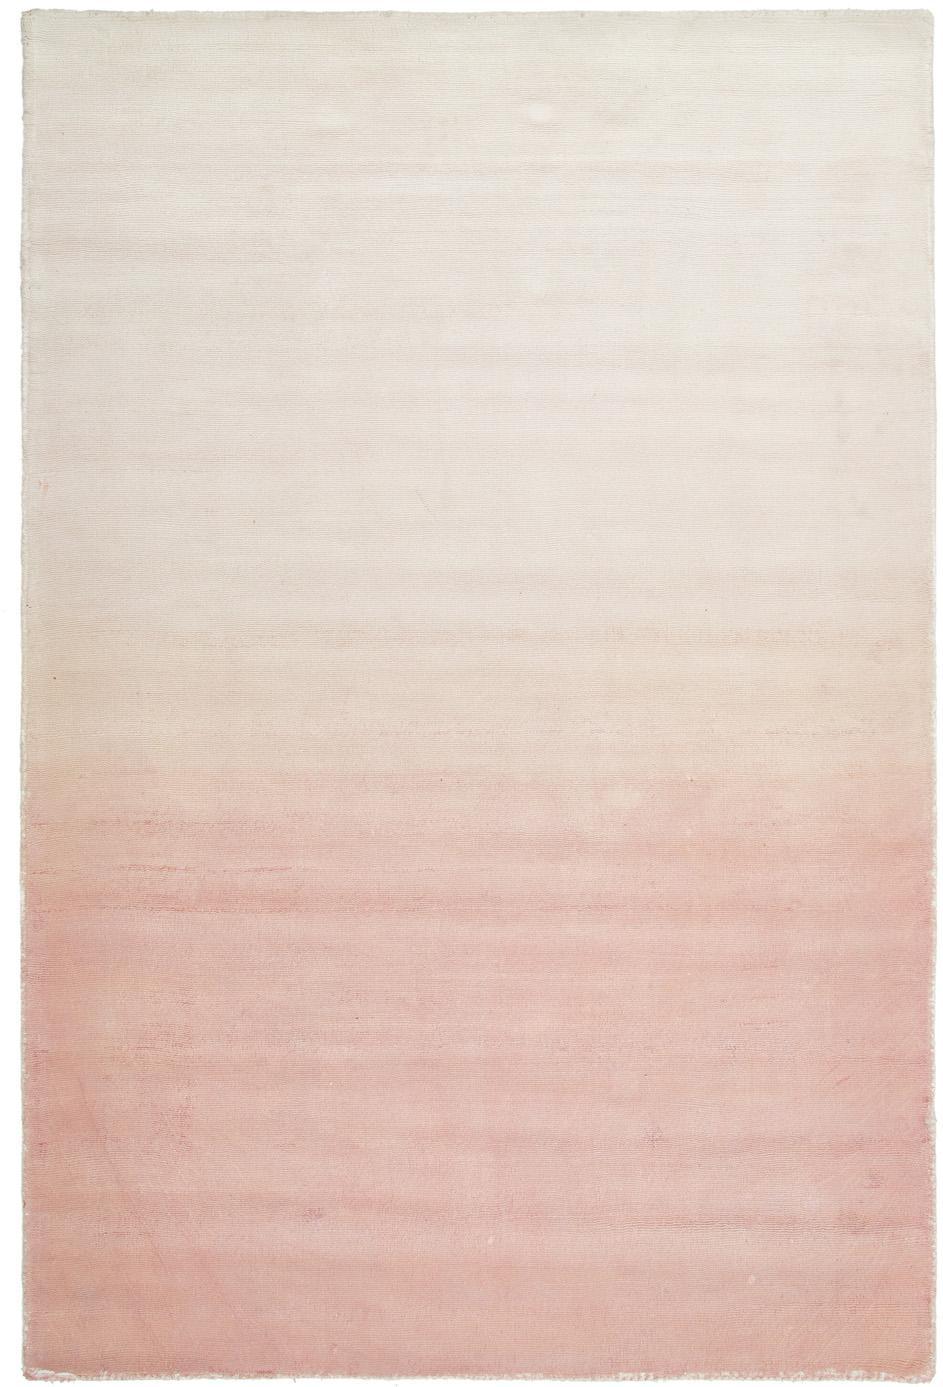 Handgeweven viscose vloerkleed Alana met kleurverloop, 100% viscose, Roze, beige, B 120 x L 180 cm (maat S)